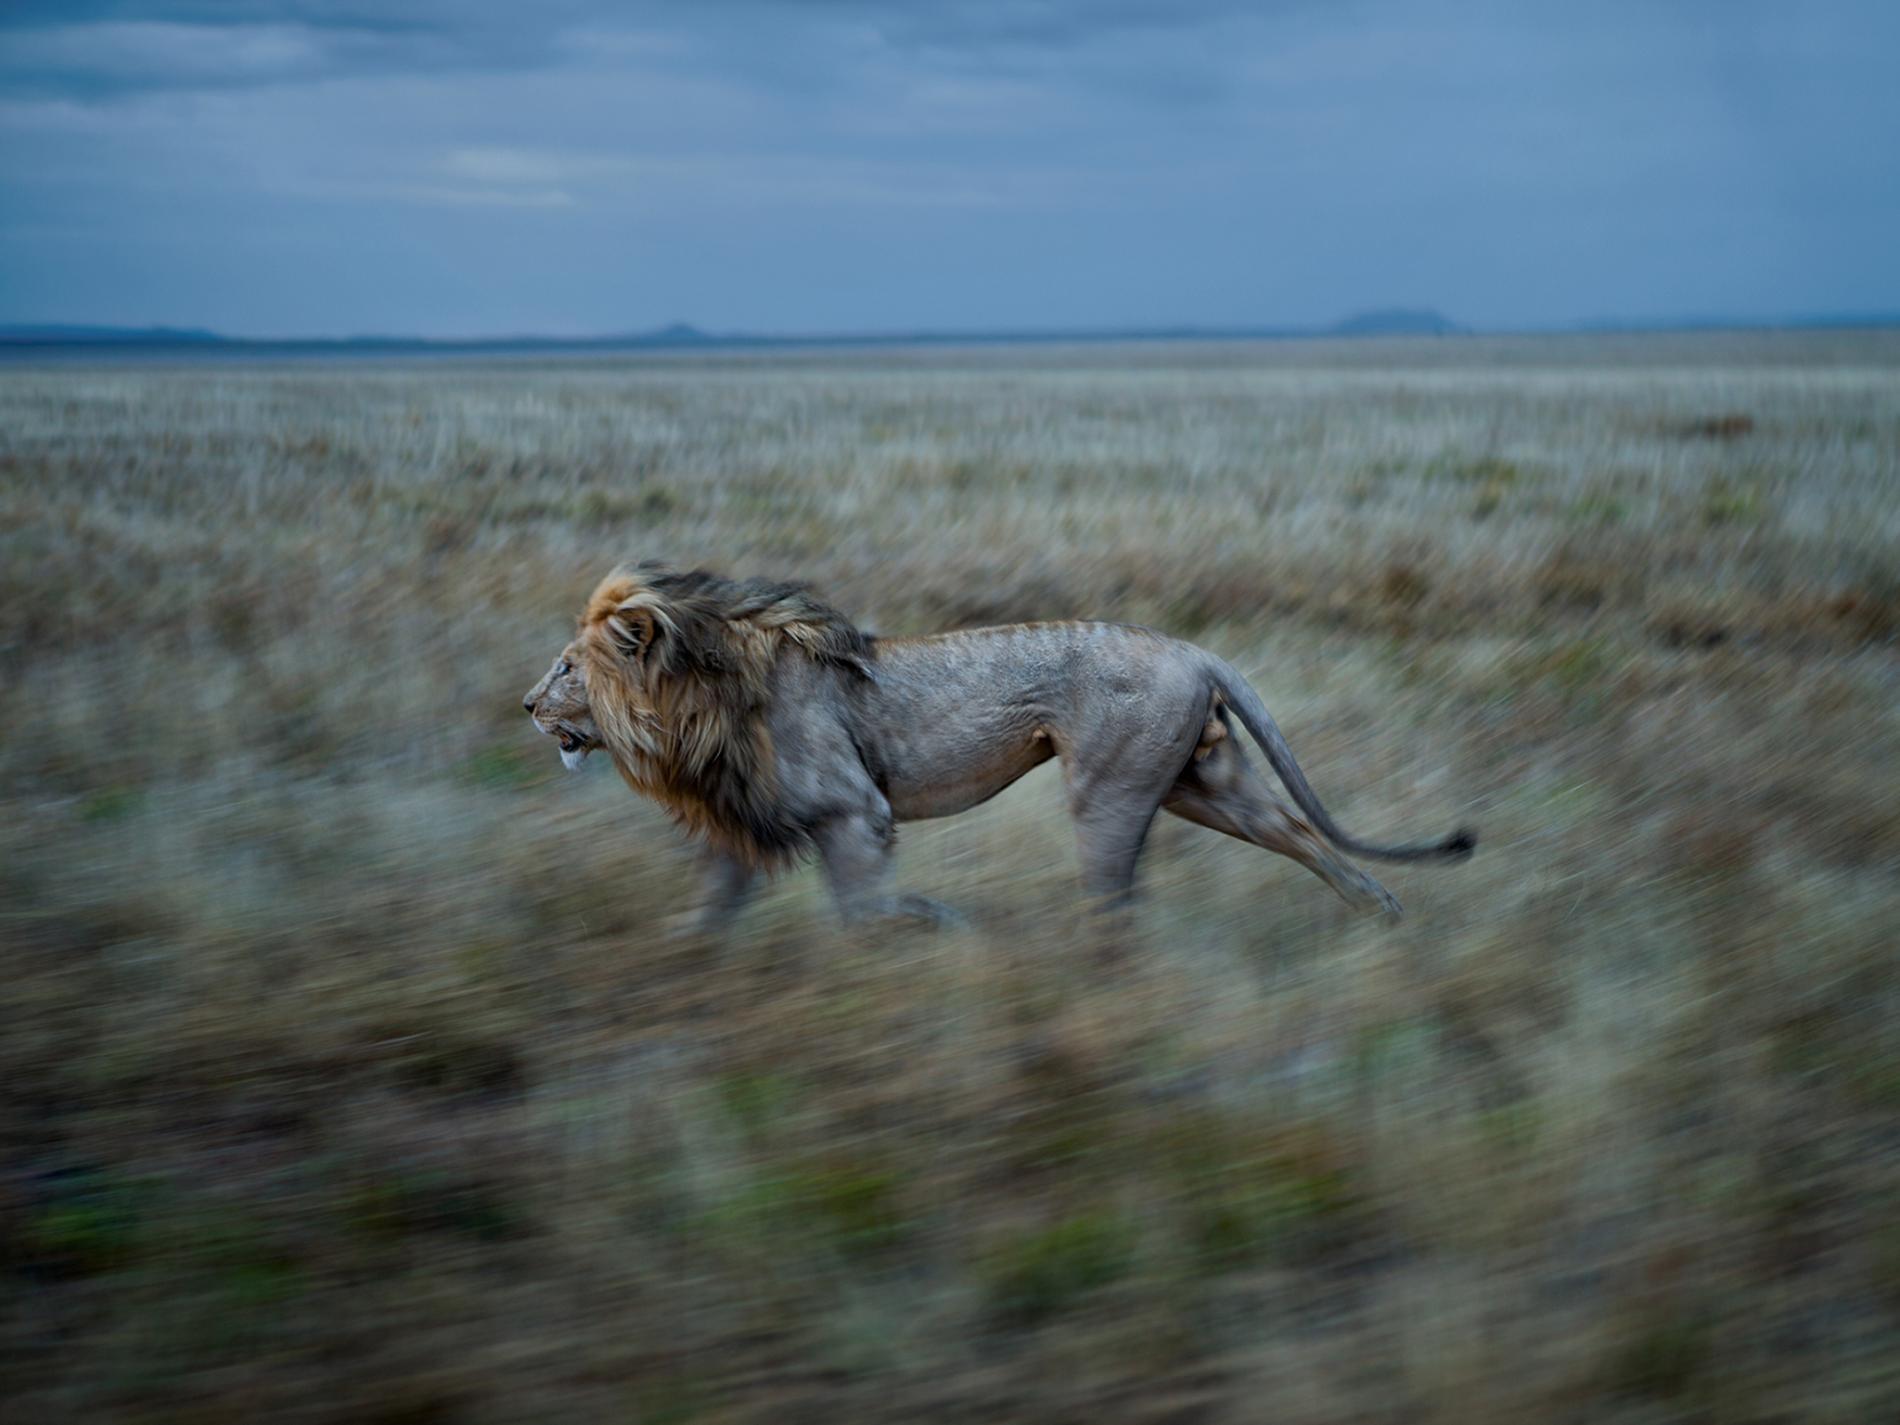 Sư tử diệt sư tử: Cuộc ám sát 3 cắn 1 và sự hồi sinh nghẹt thở của nhà vua - Ảnh 21.